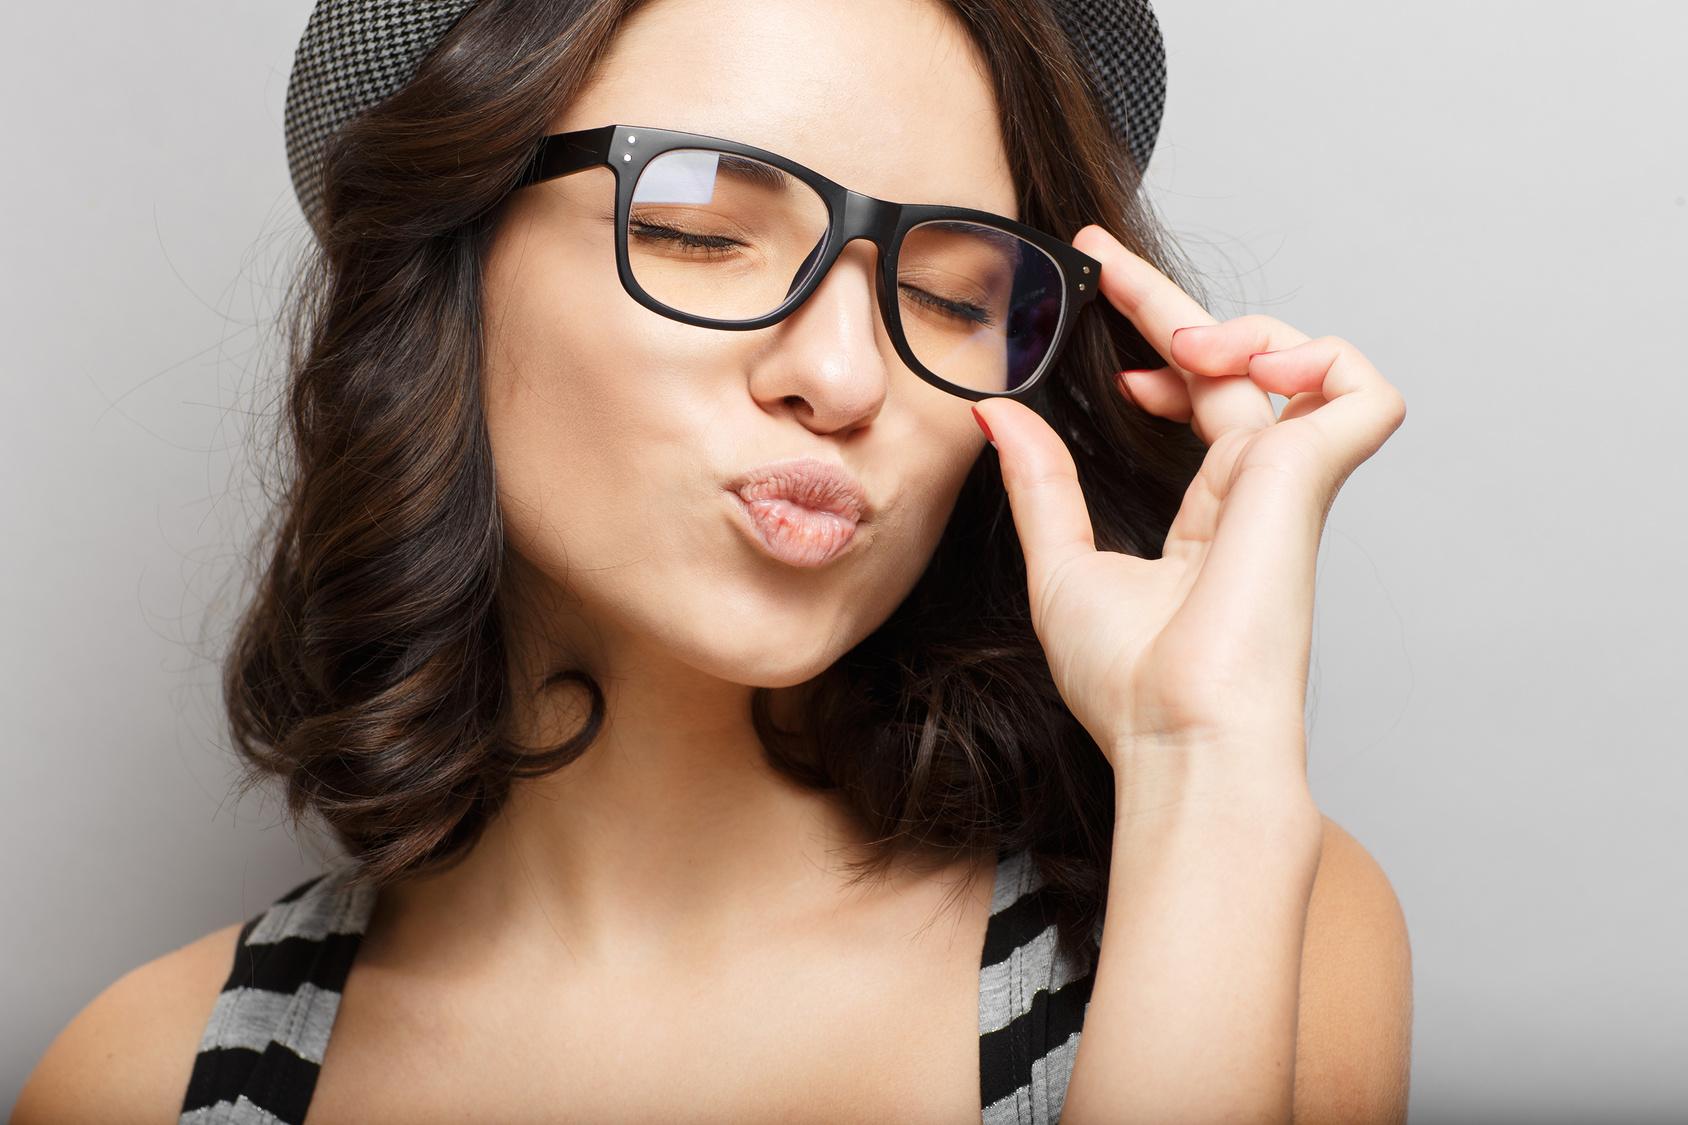 Stylen Sie Ihre Augen mit SmartBuyGlasses